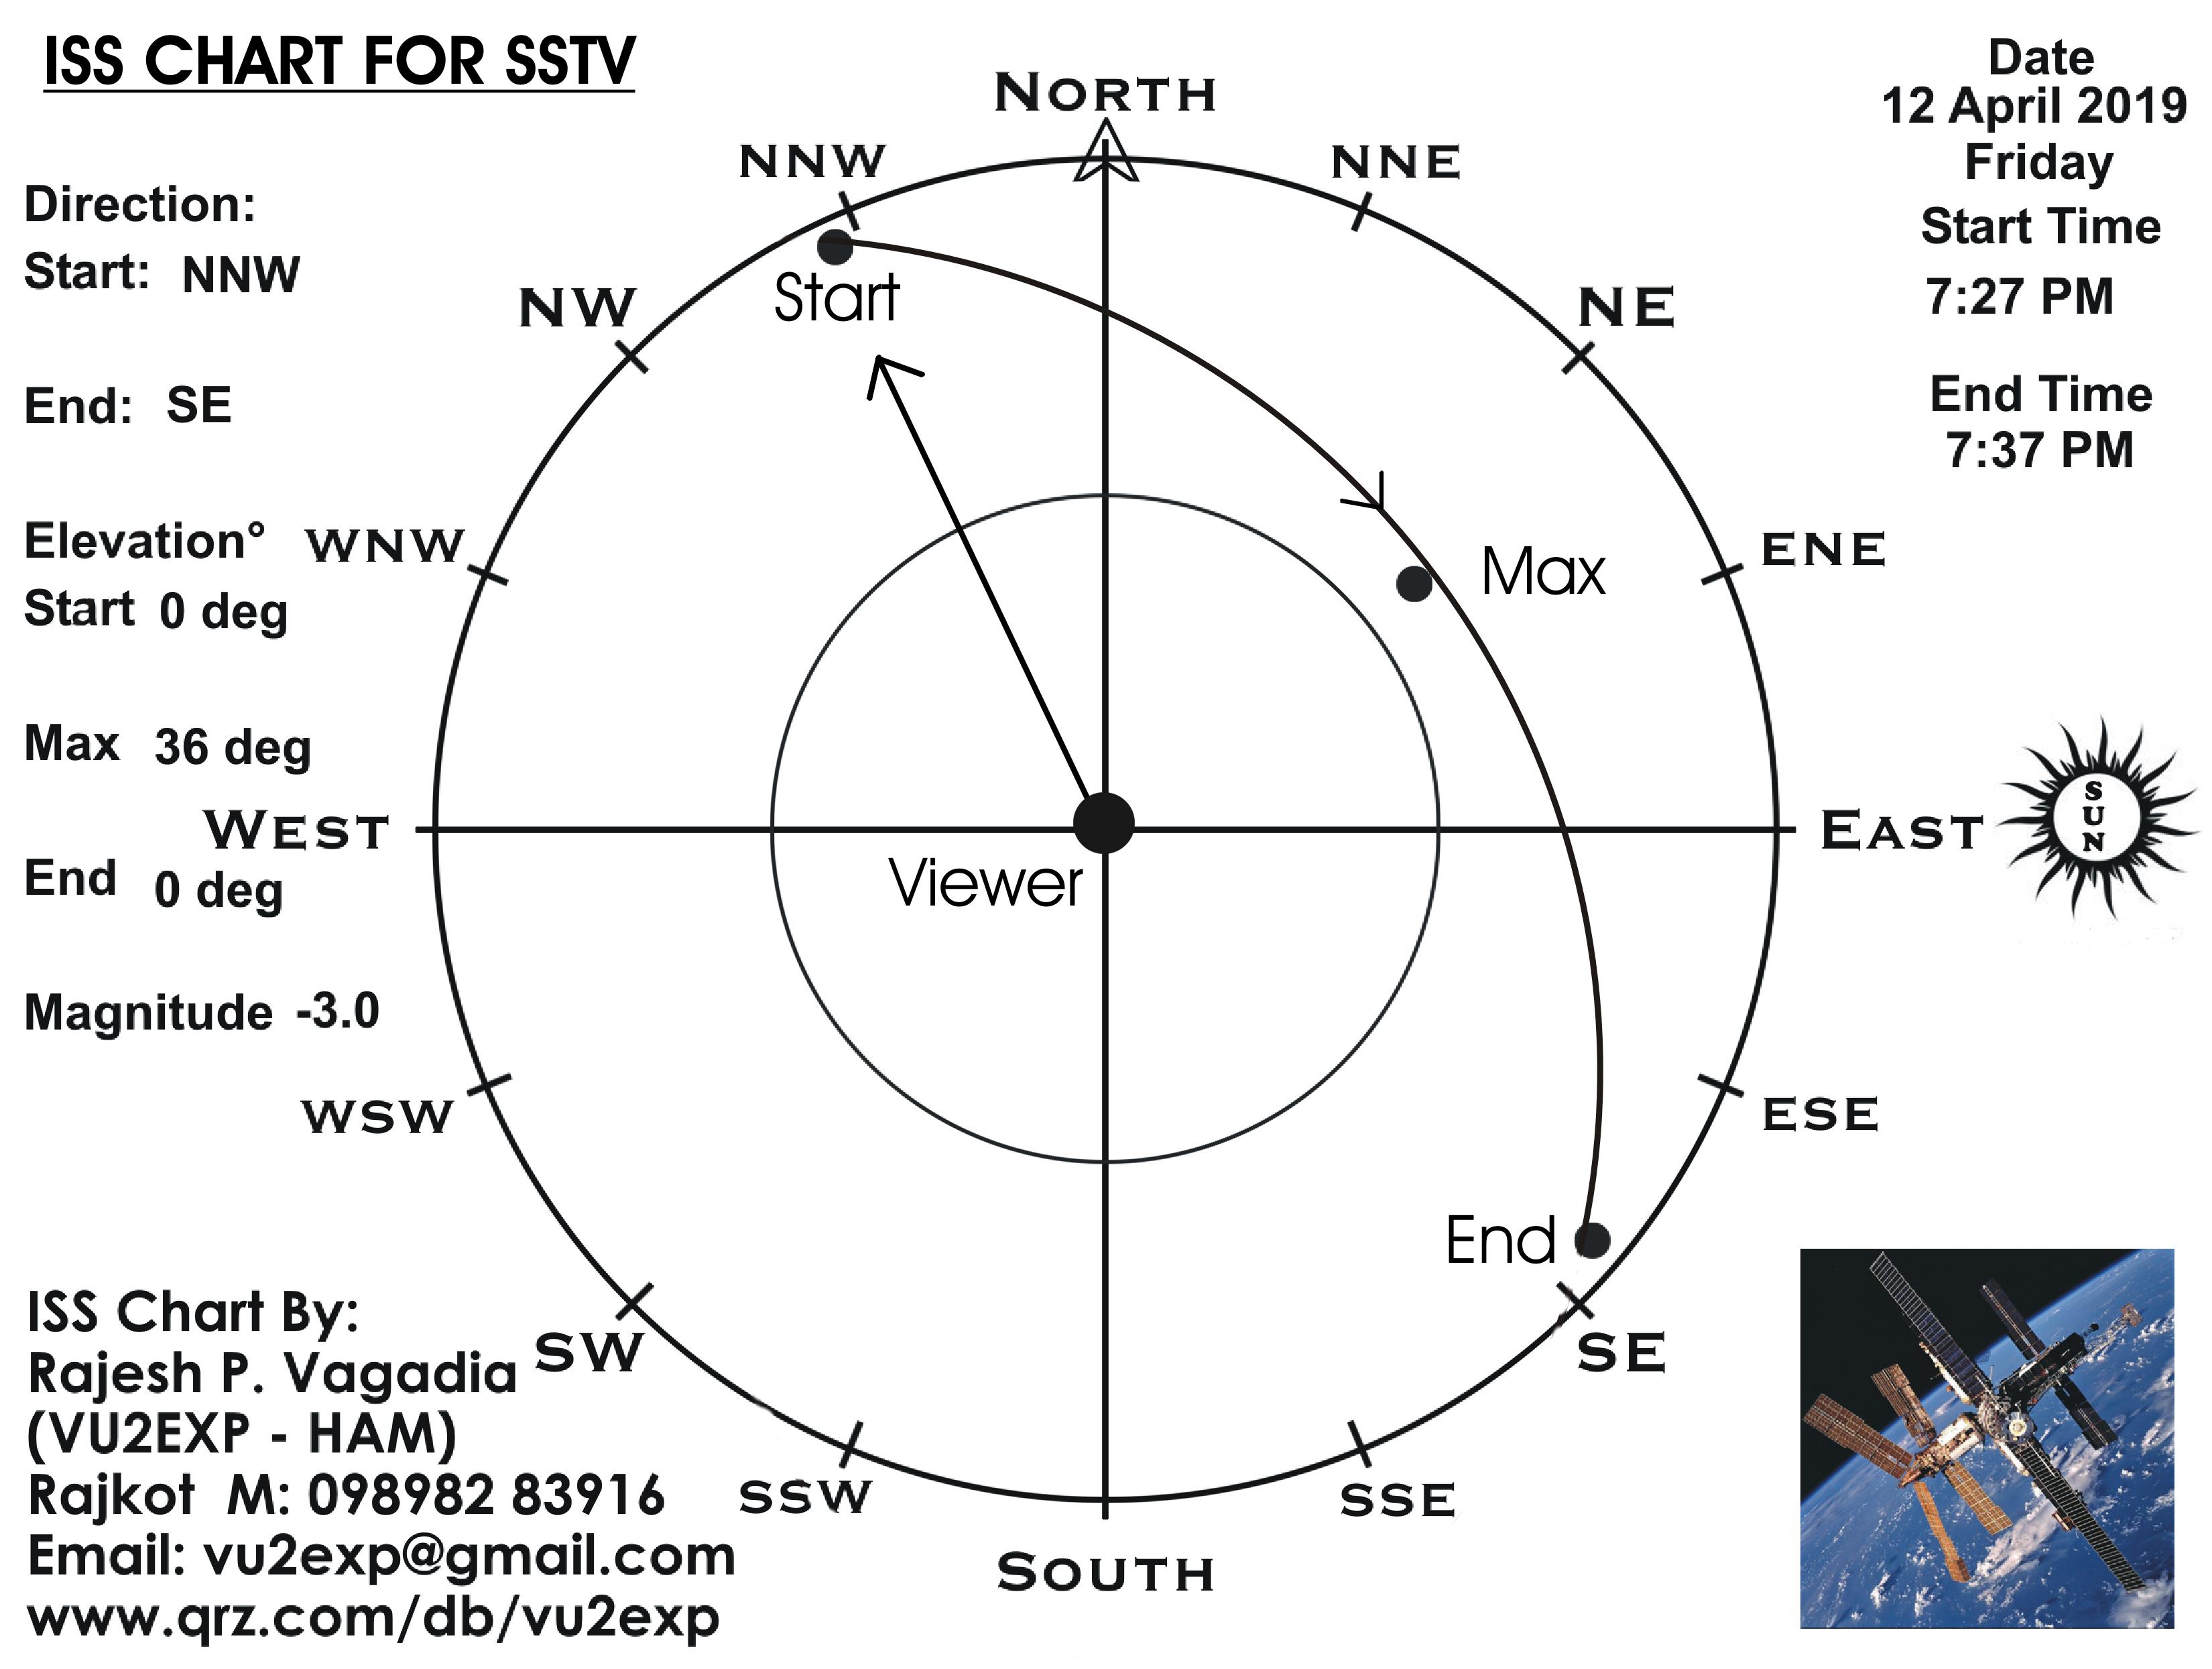 Final ISS SSTV Chart .jpg